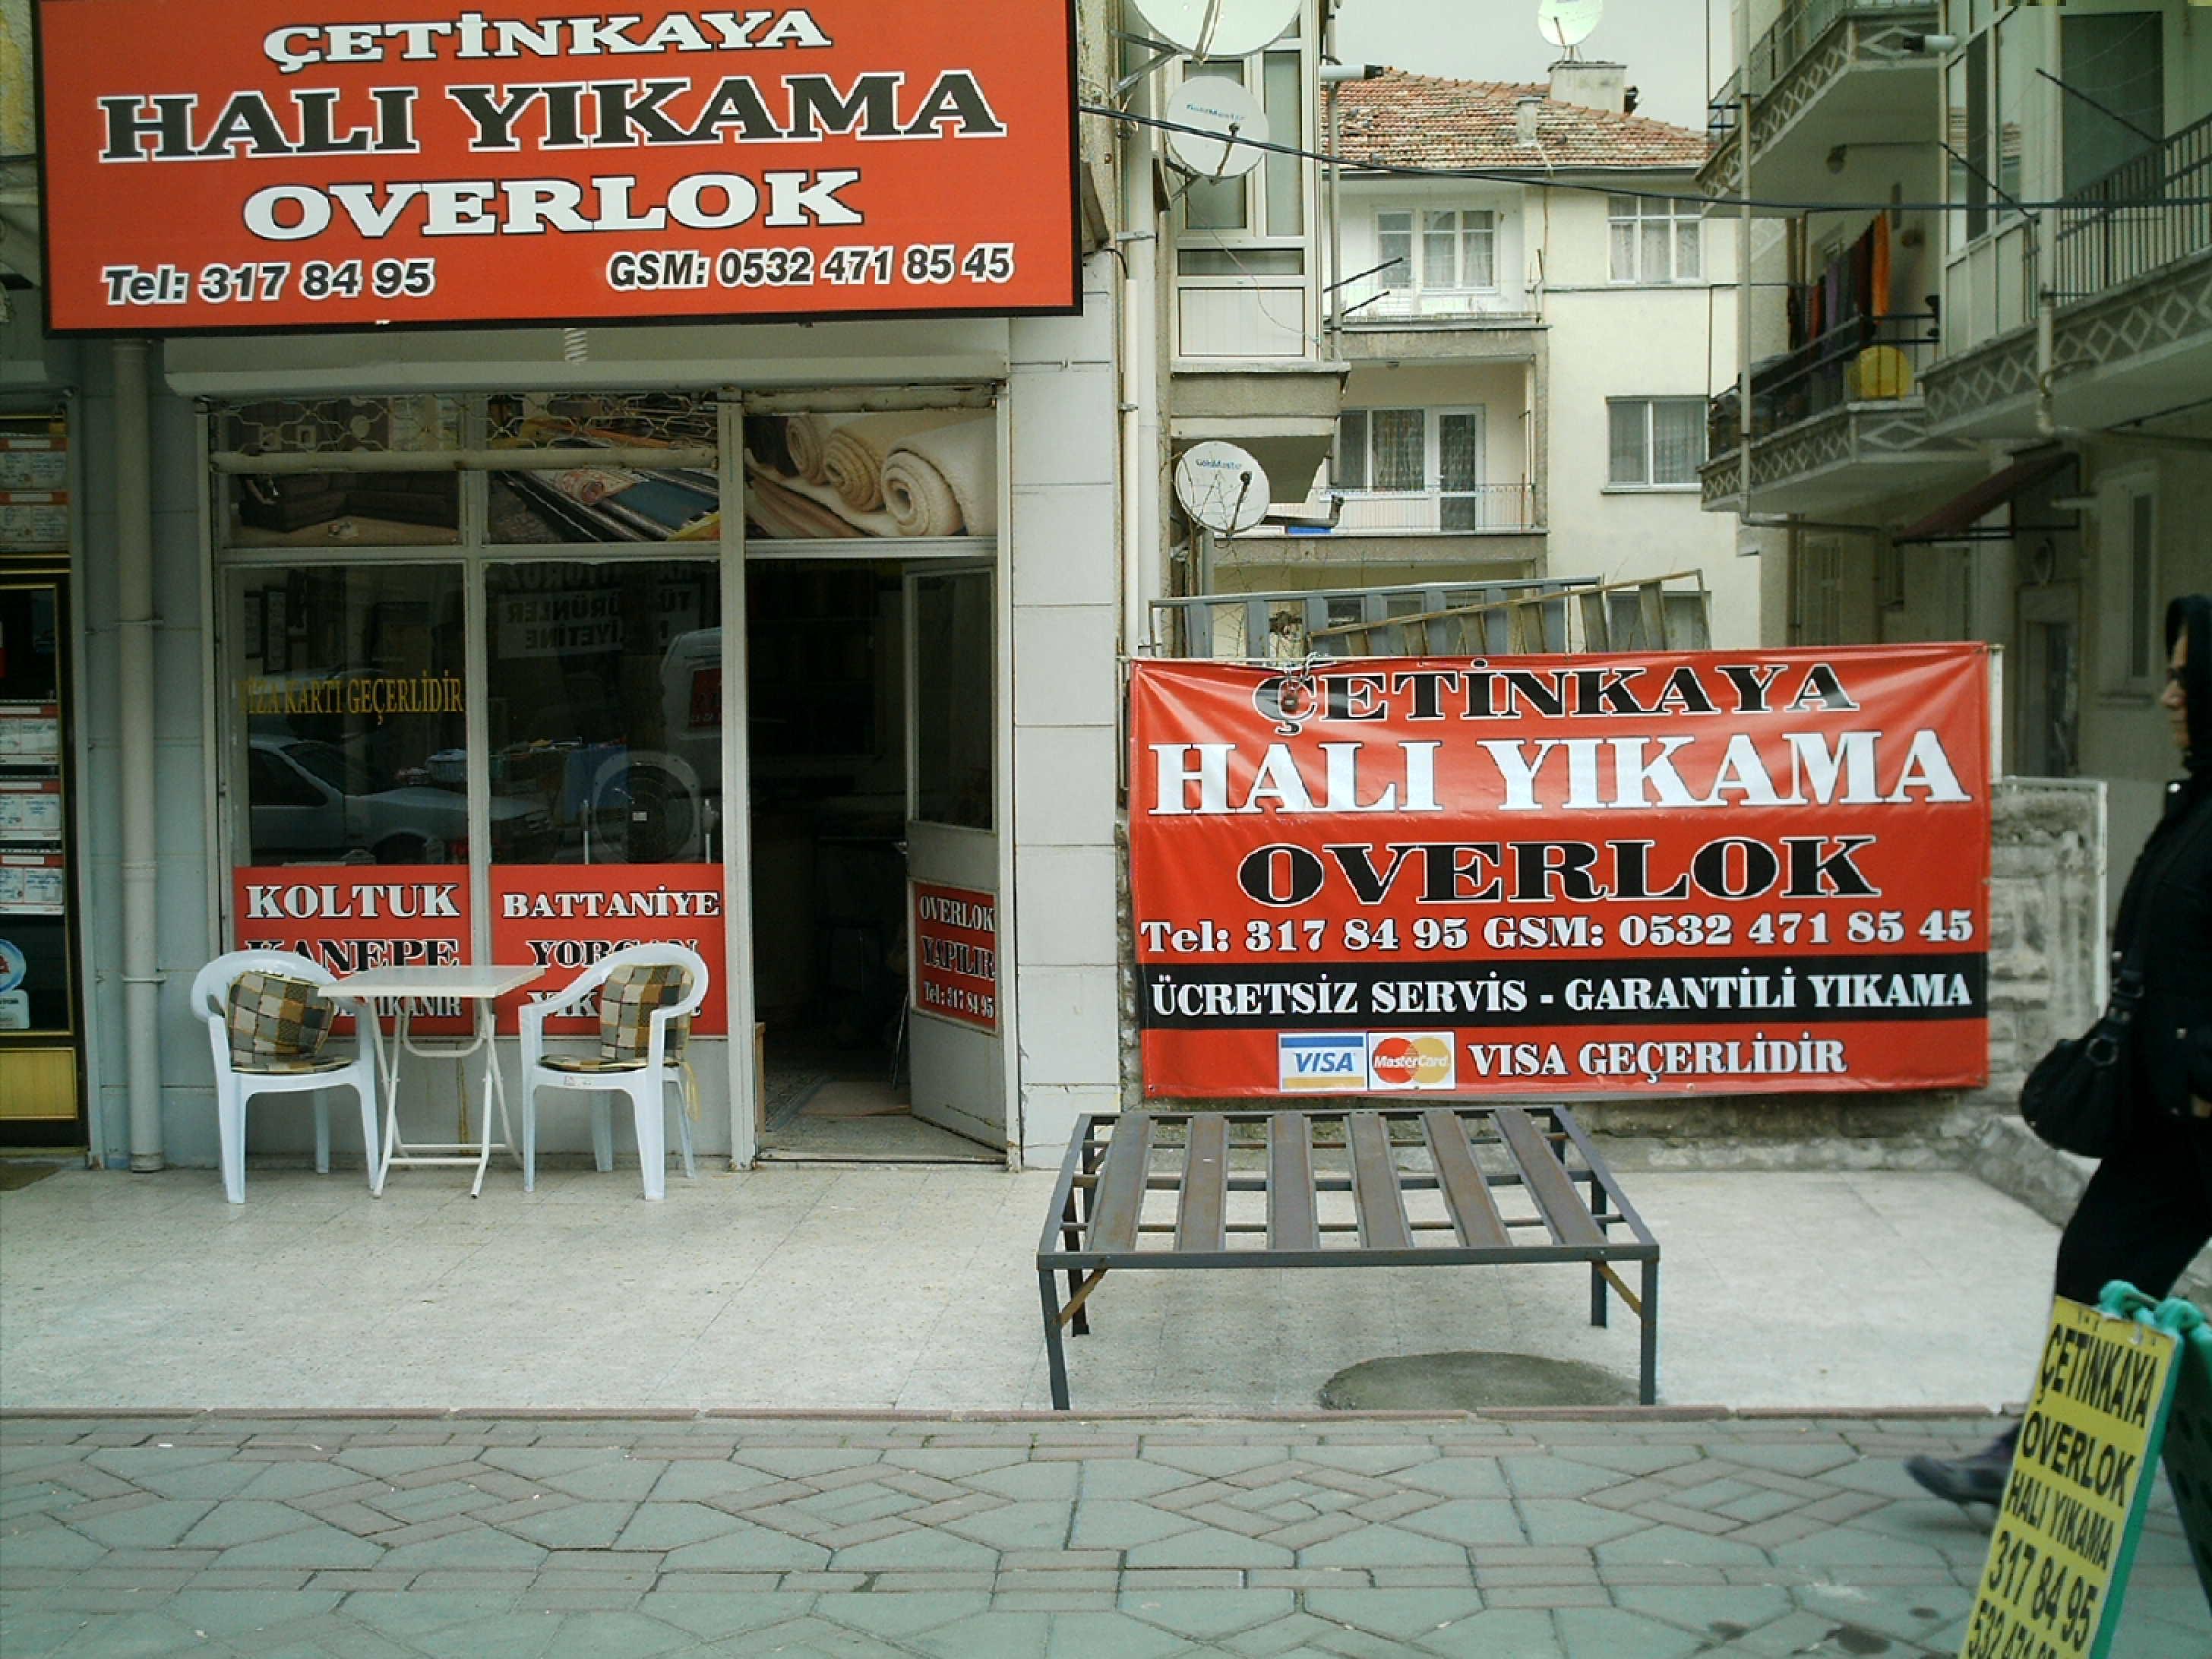 tepealtı_hali_yikama